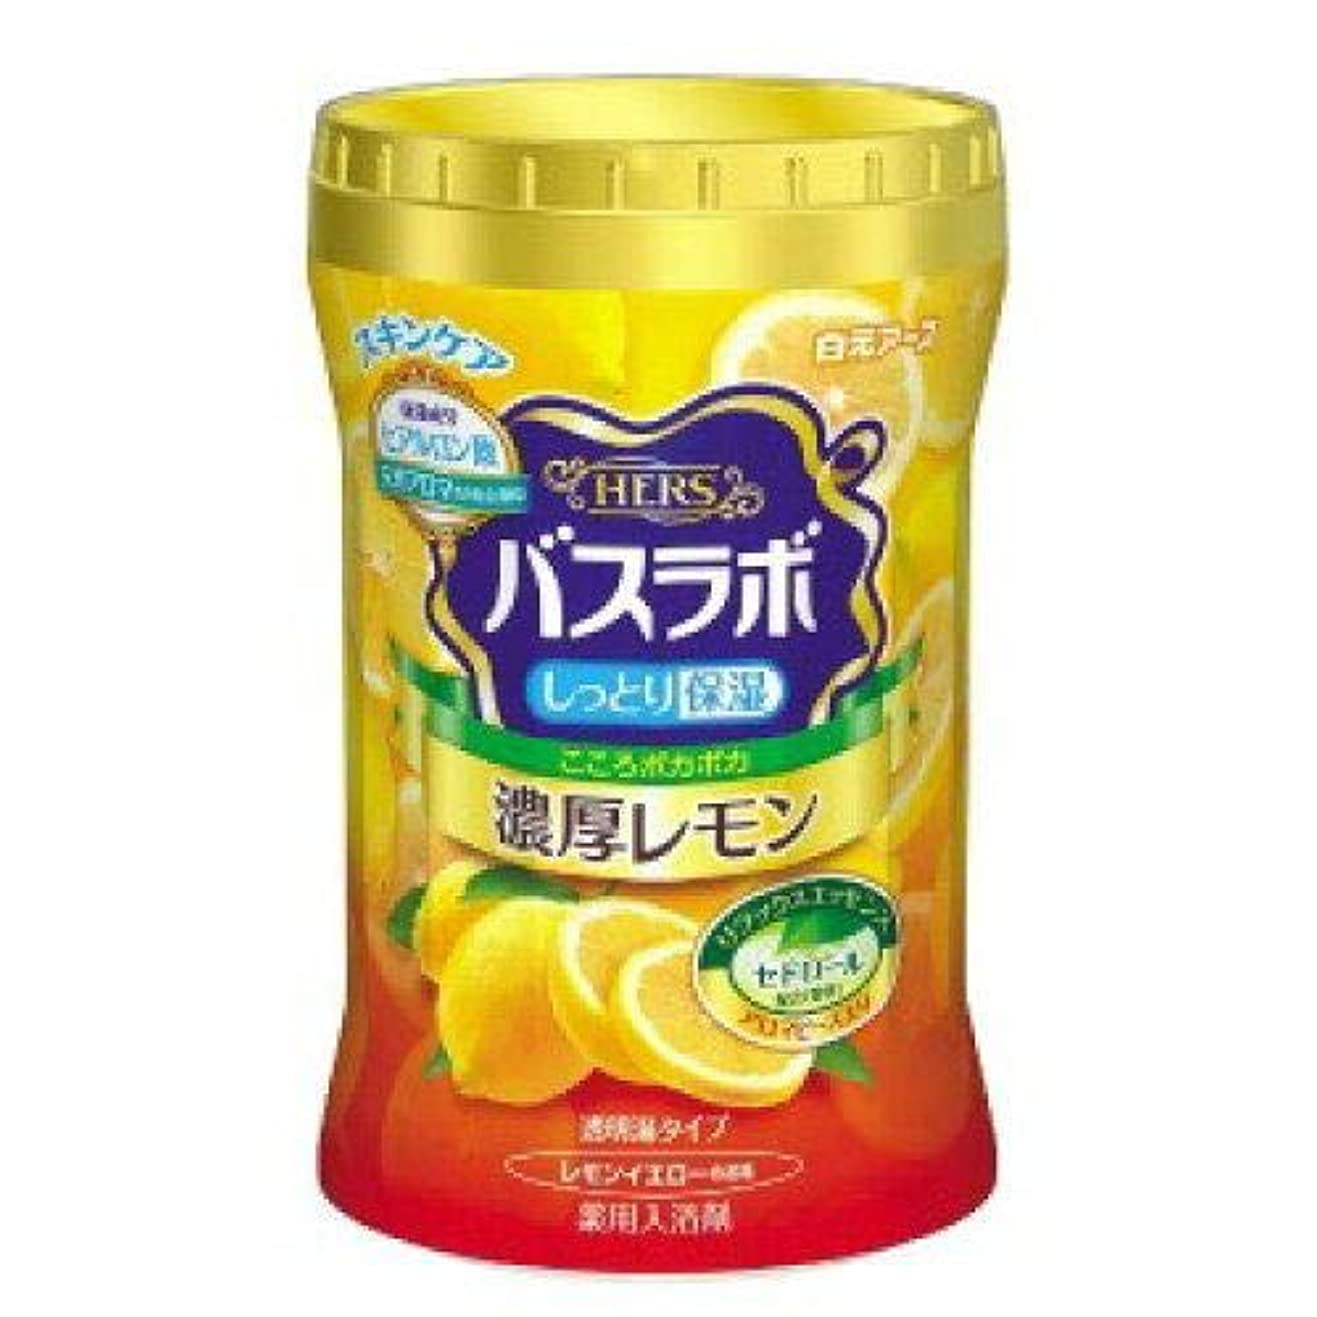 によるとバルーン熱心バスラボボトル濃厚レモン640g